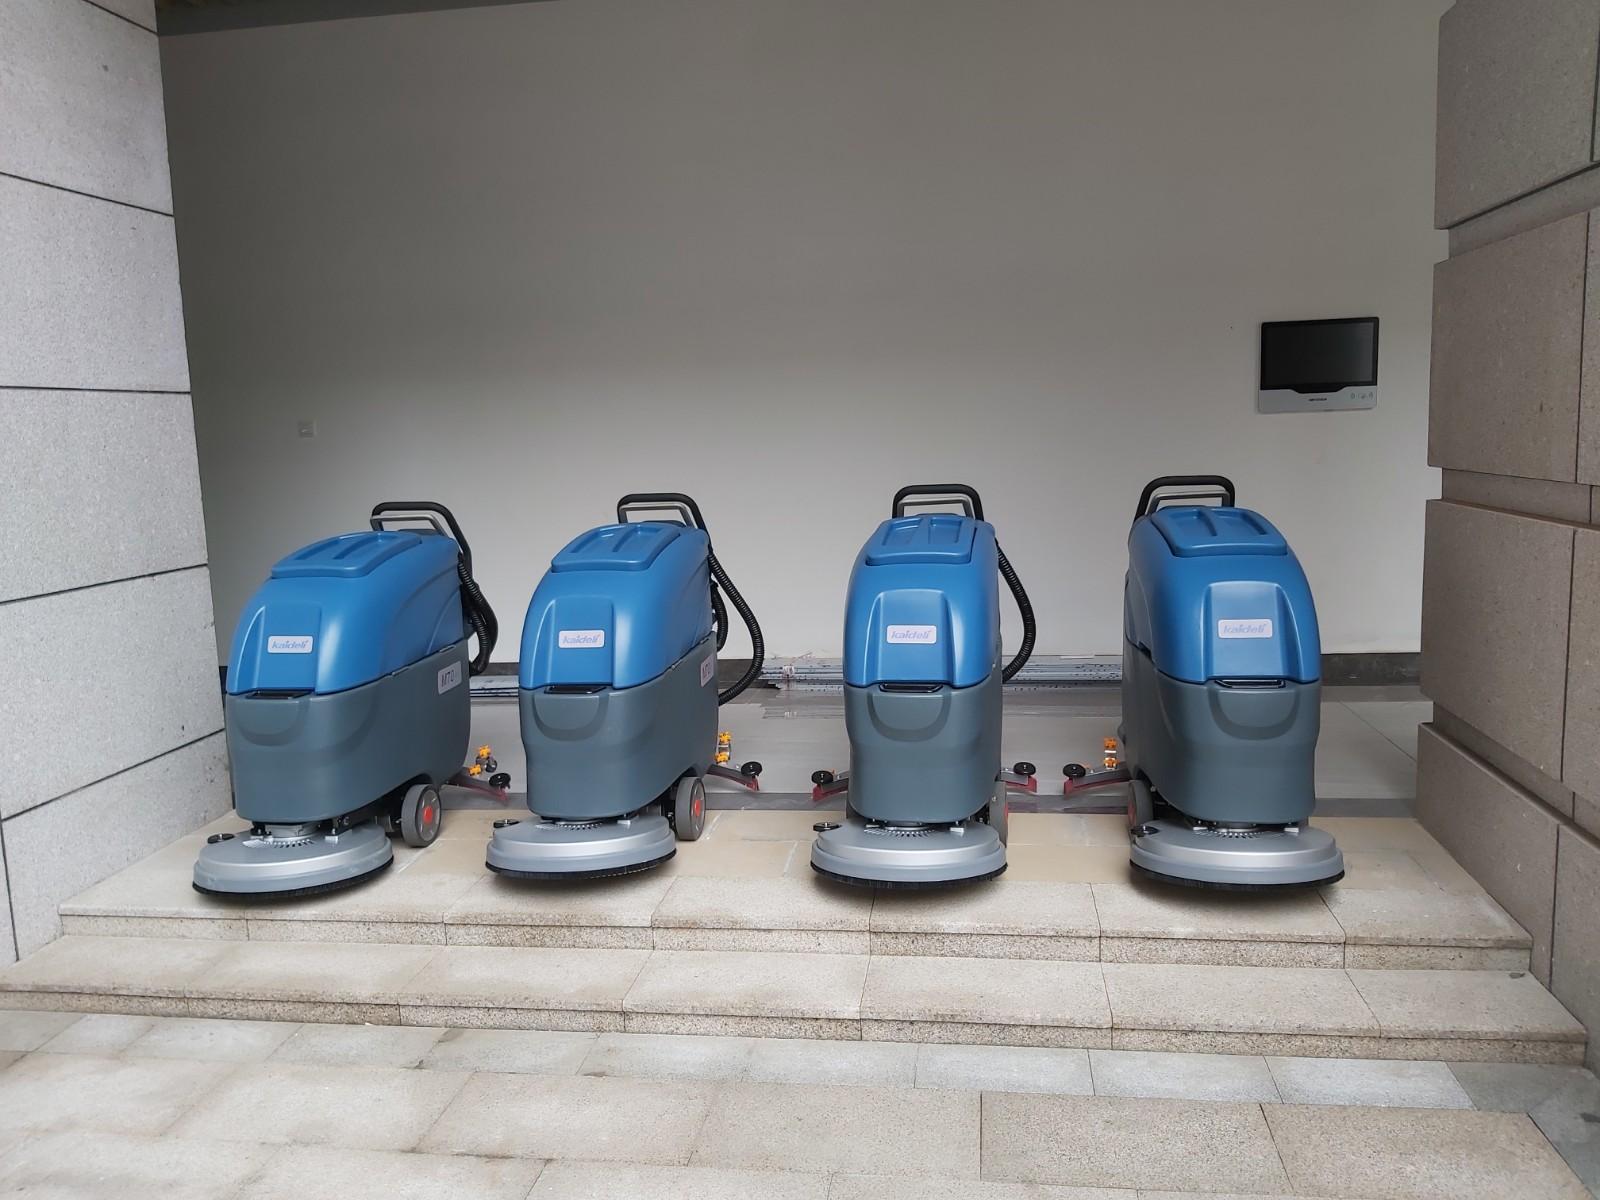 四川财经职业学院采购洗地机选择了成都宏雯公司